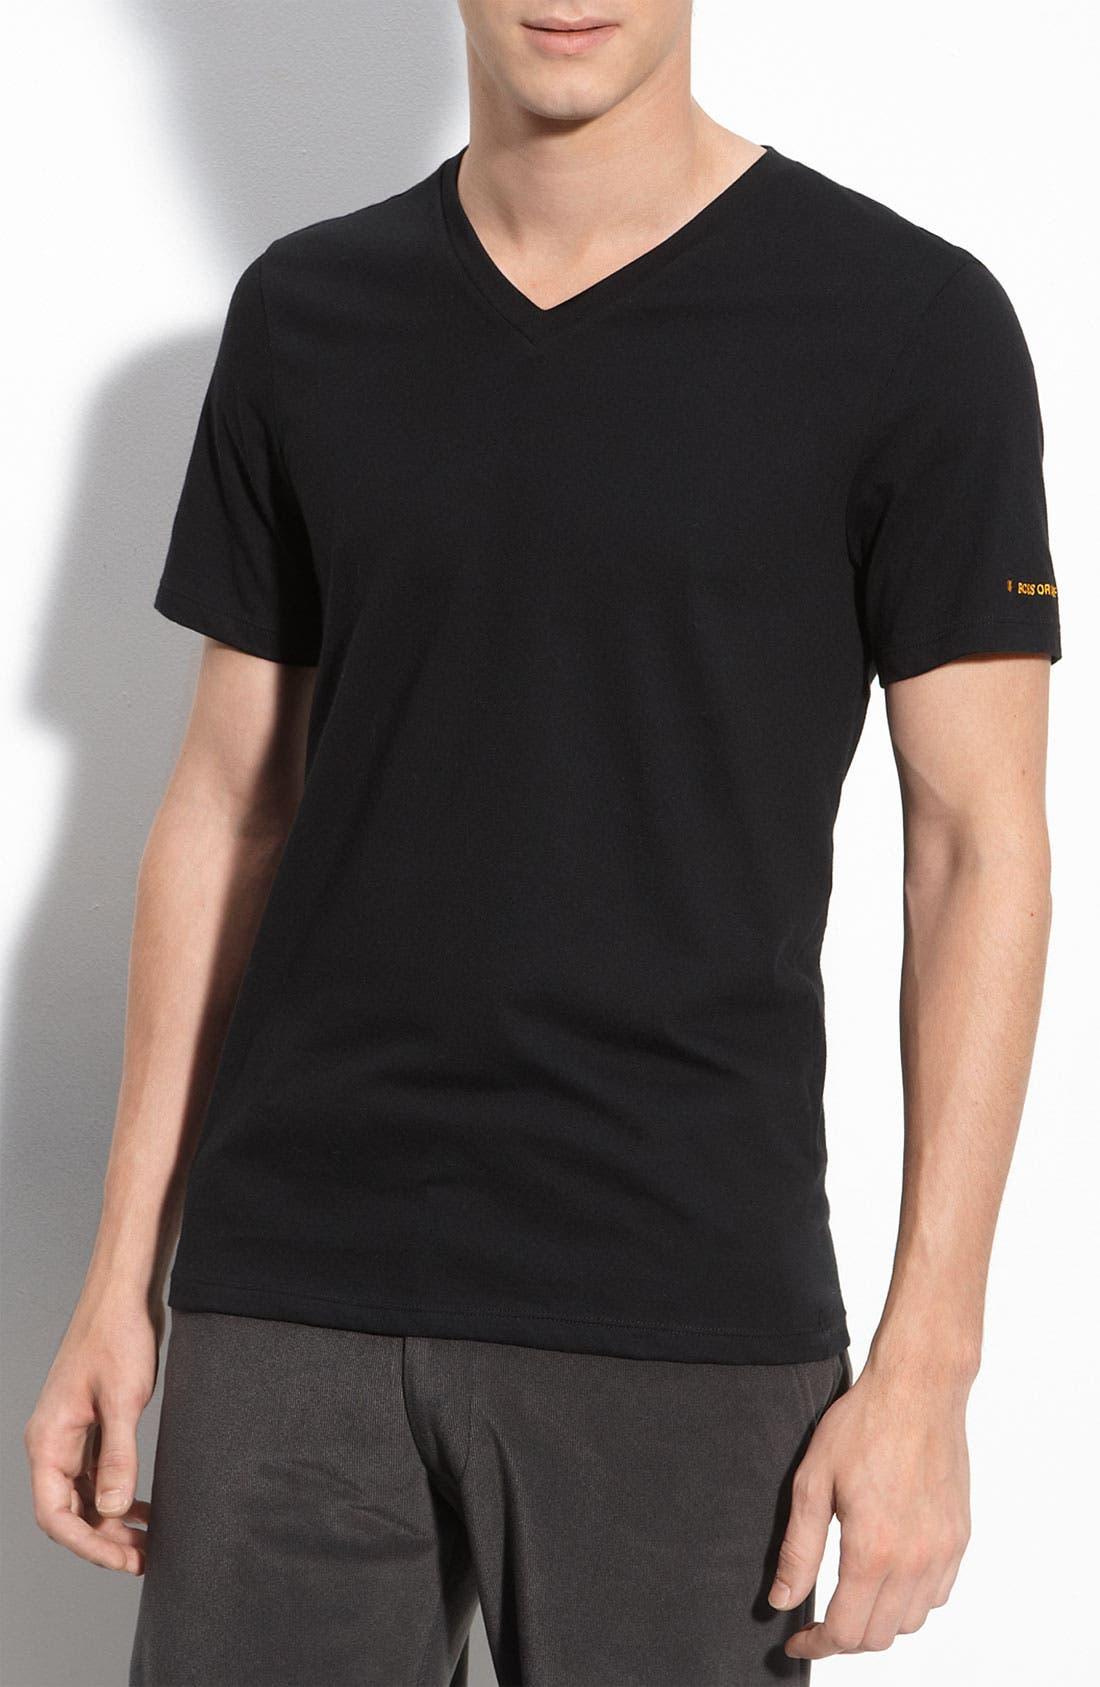 Alternate Image 1 Selected - BOSS Orange 'Innovation' V-Neck T-Shirt